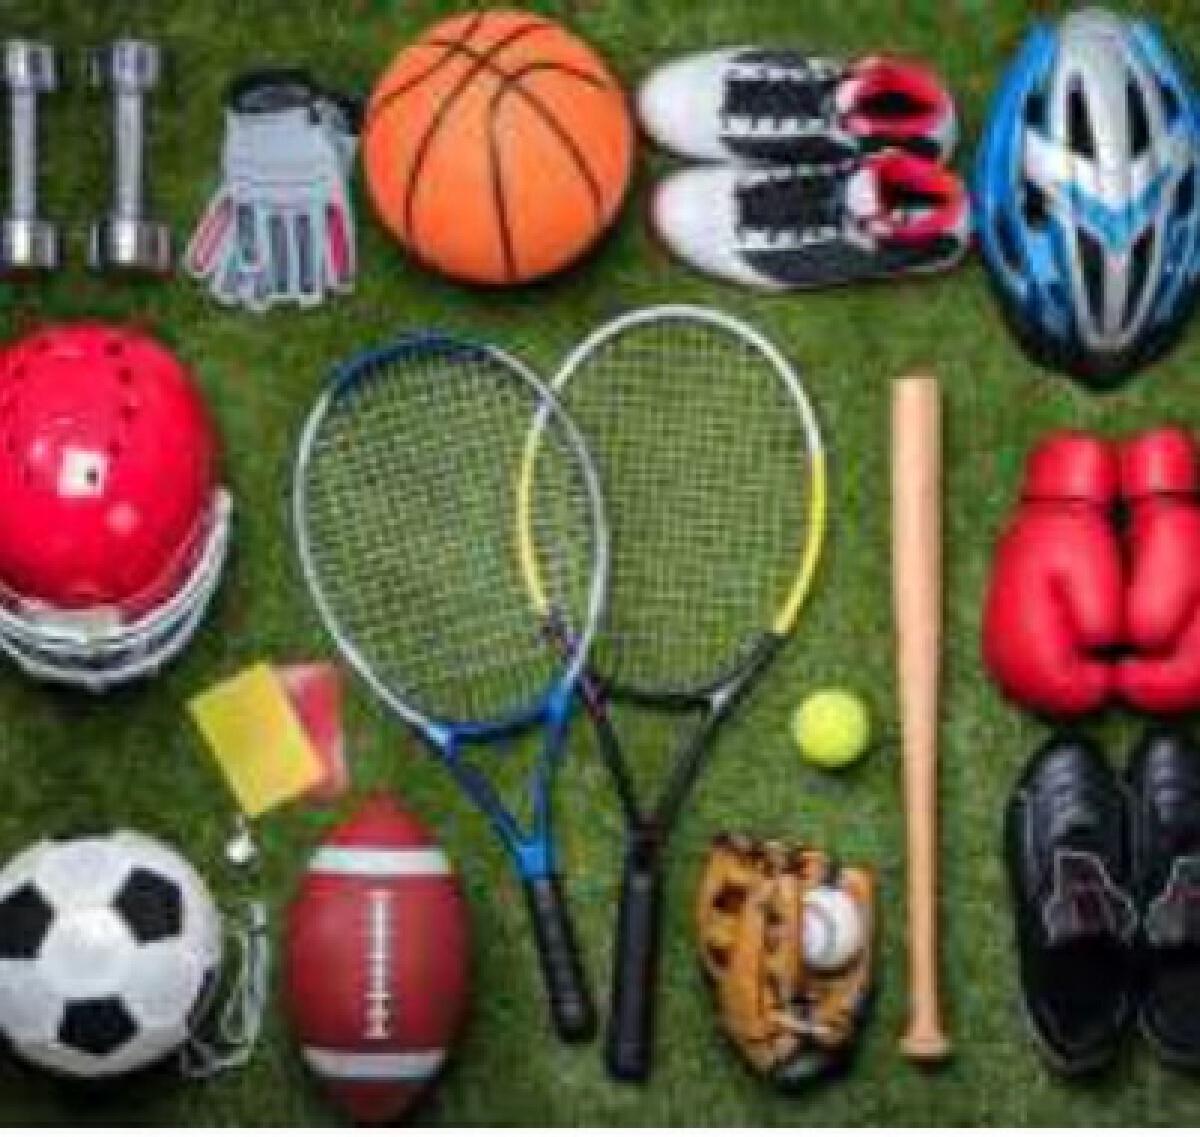 'DITP' แนะผู้ผลิต ผู้ส่งออก วางแผนขยายตลาดของเล่น-อุปกรณ์กีฬาในสหรัฐฯ